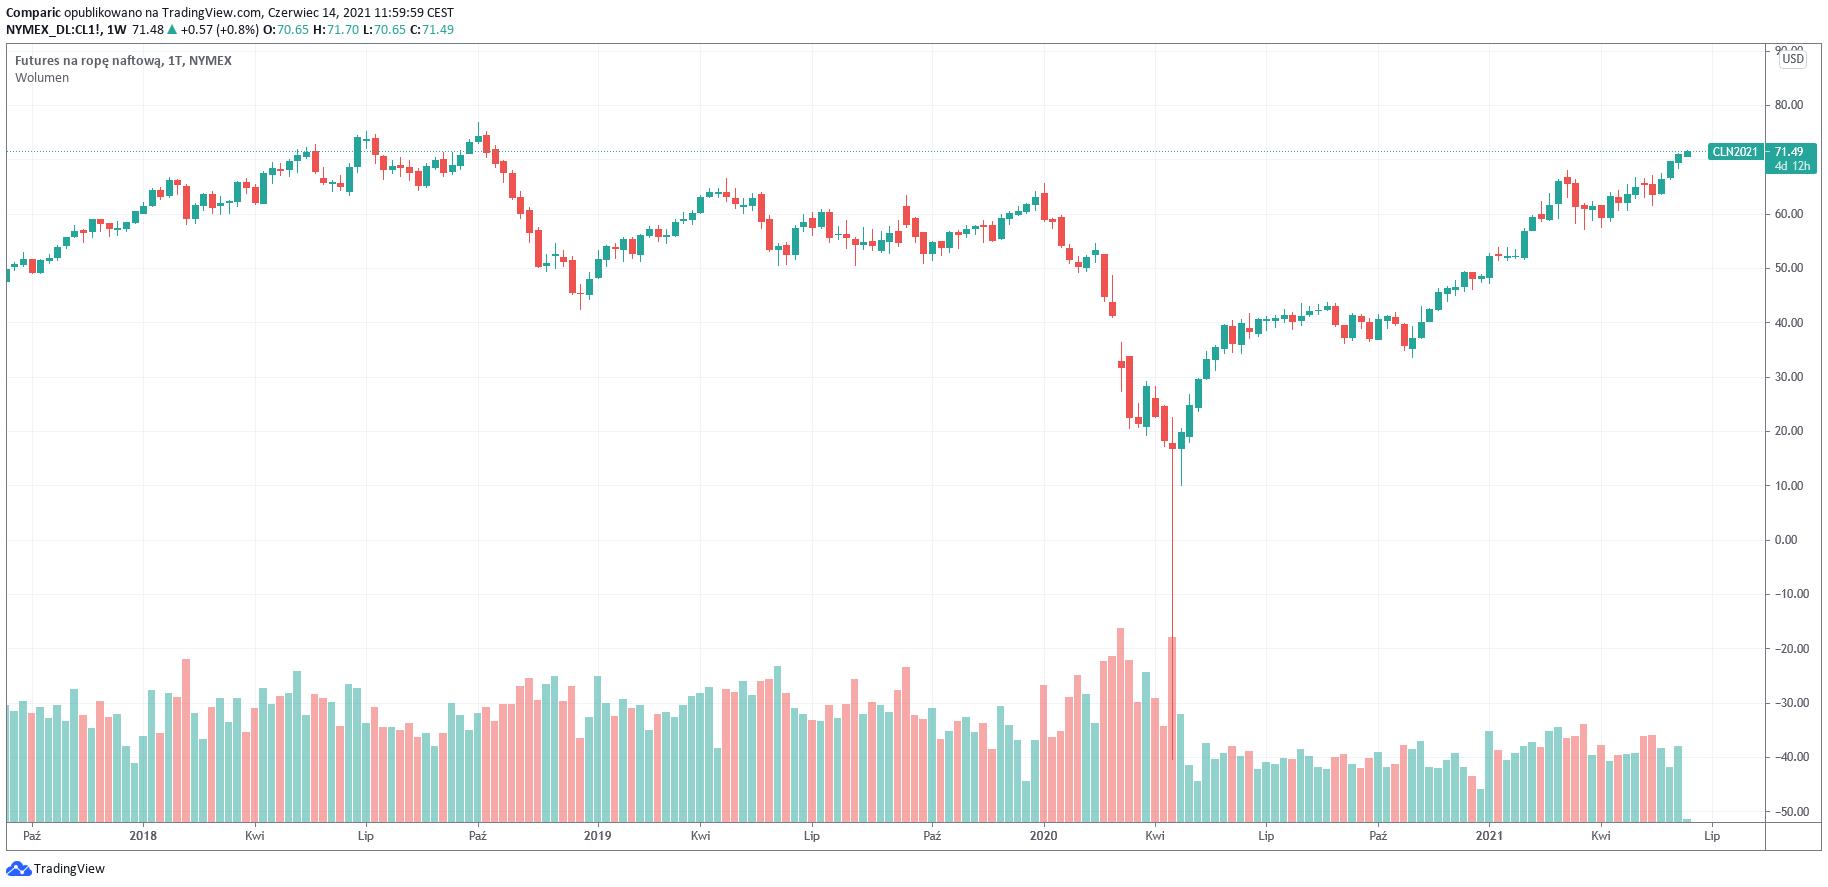 Cena ropy naftowej WTI na nowych 32-miesięcznych szczytach!